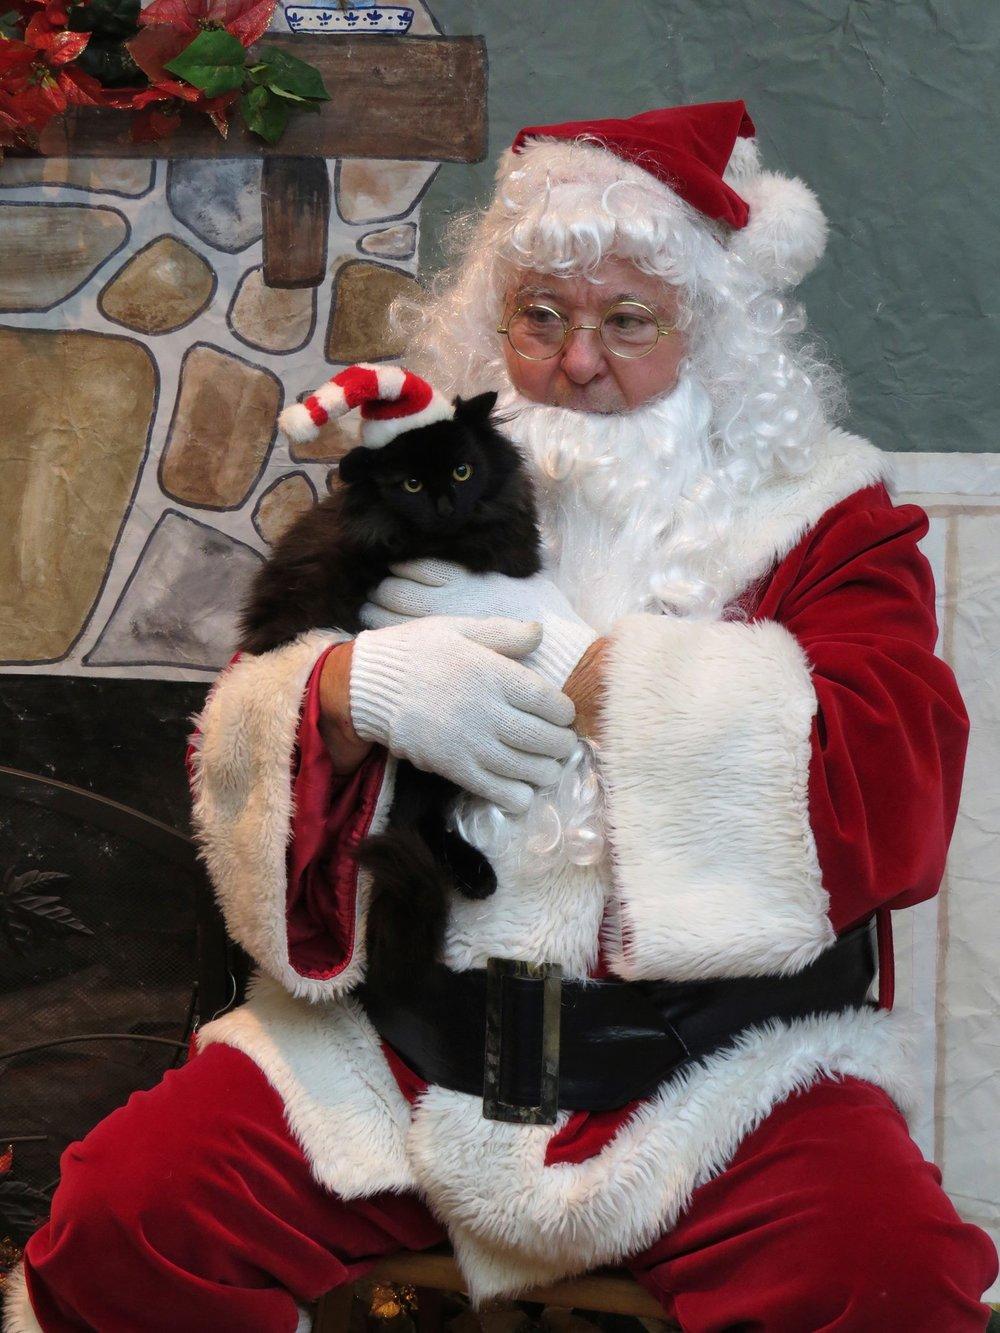 Joe the Santa